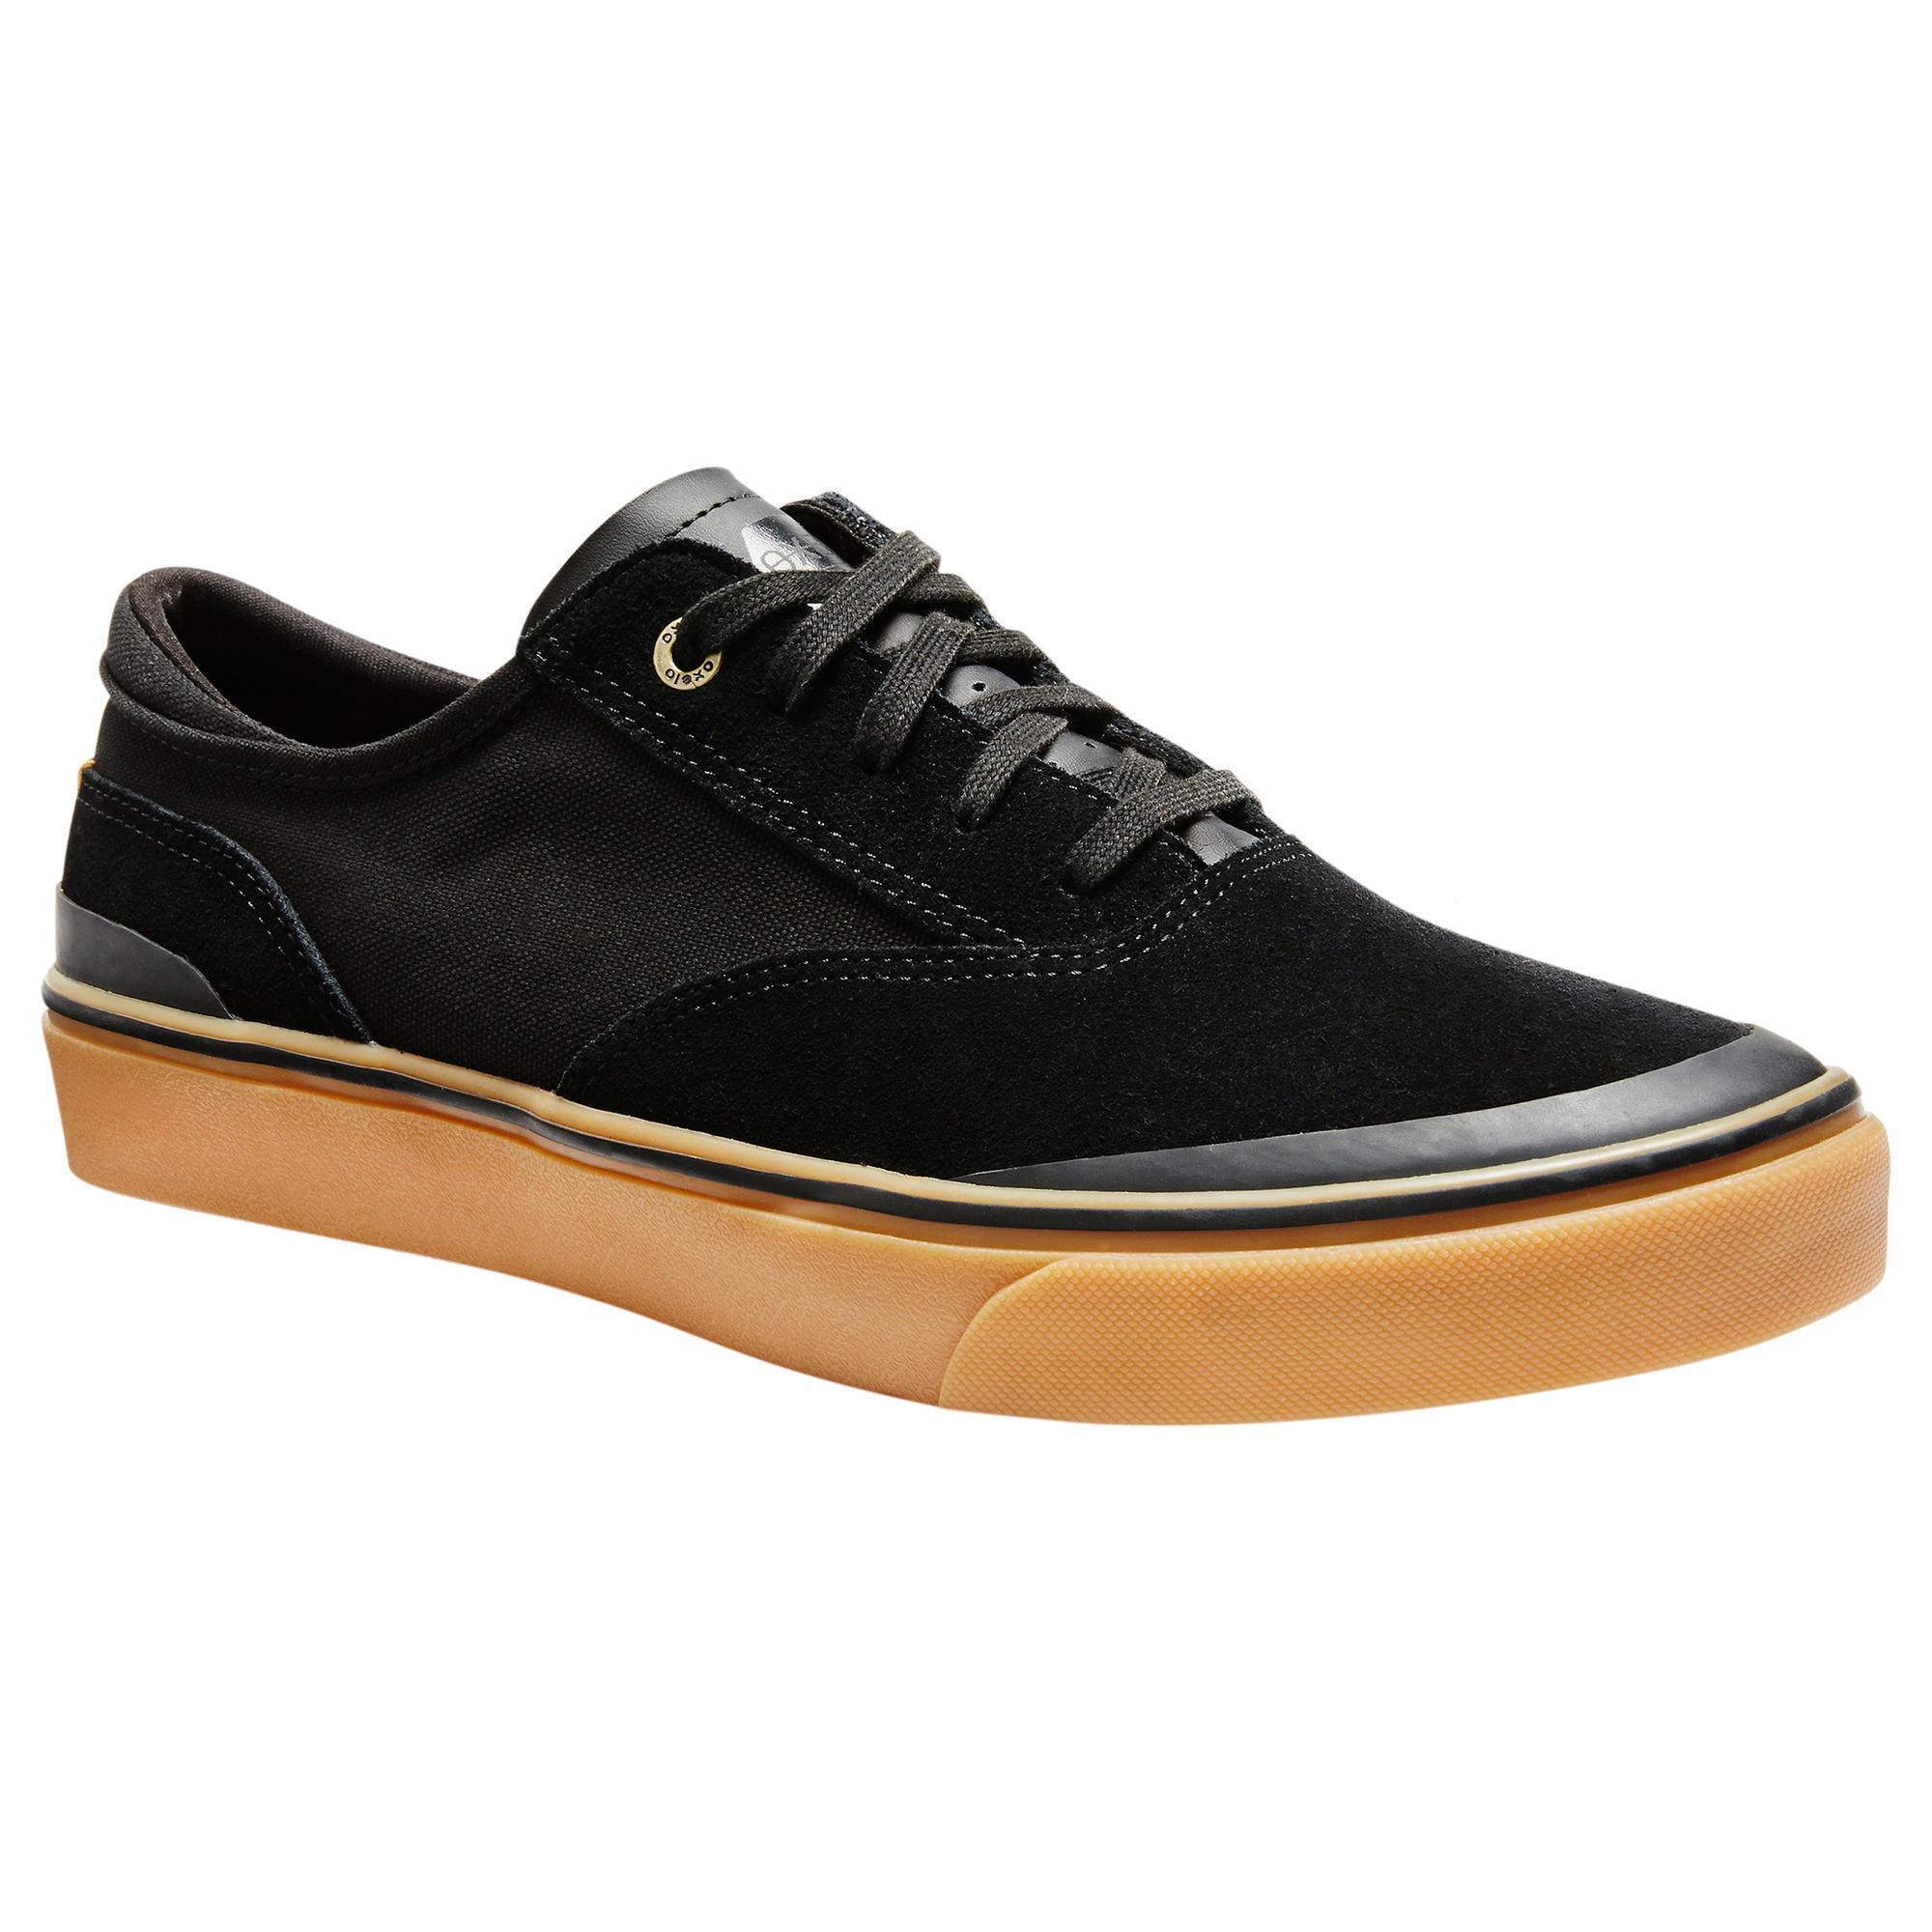 Comprar Zapatillas de Skate online  a87ab276c22